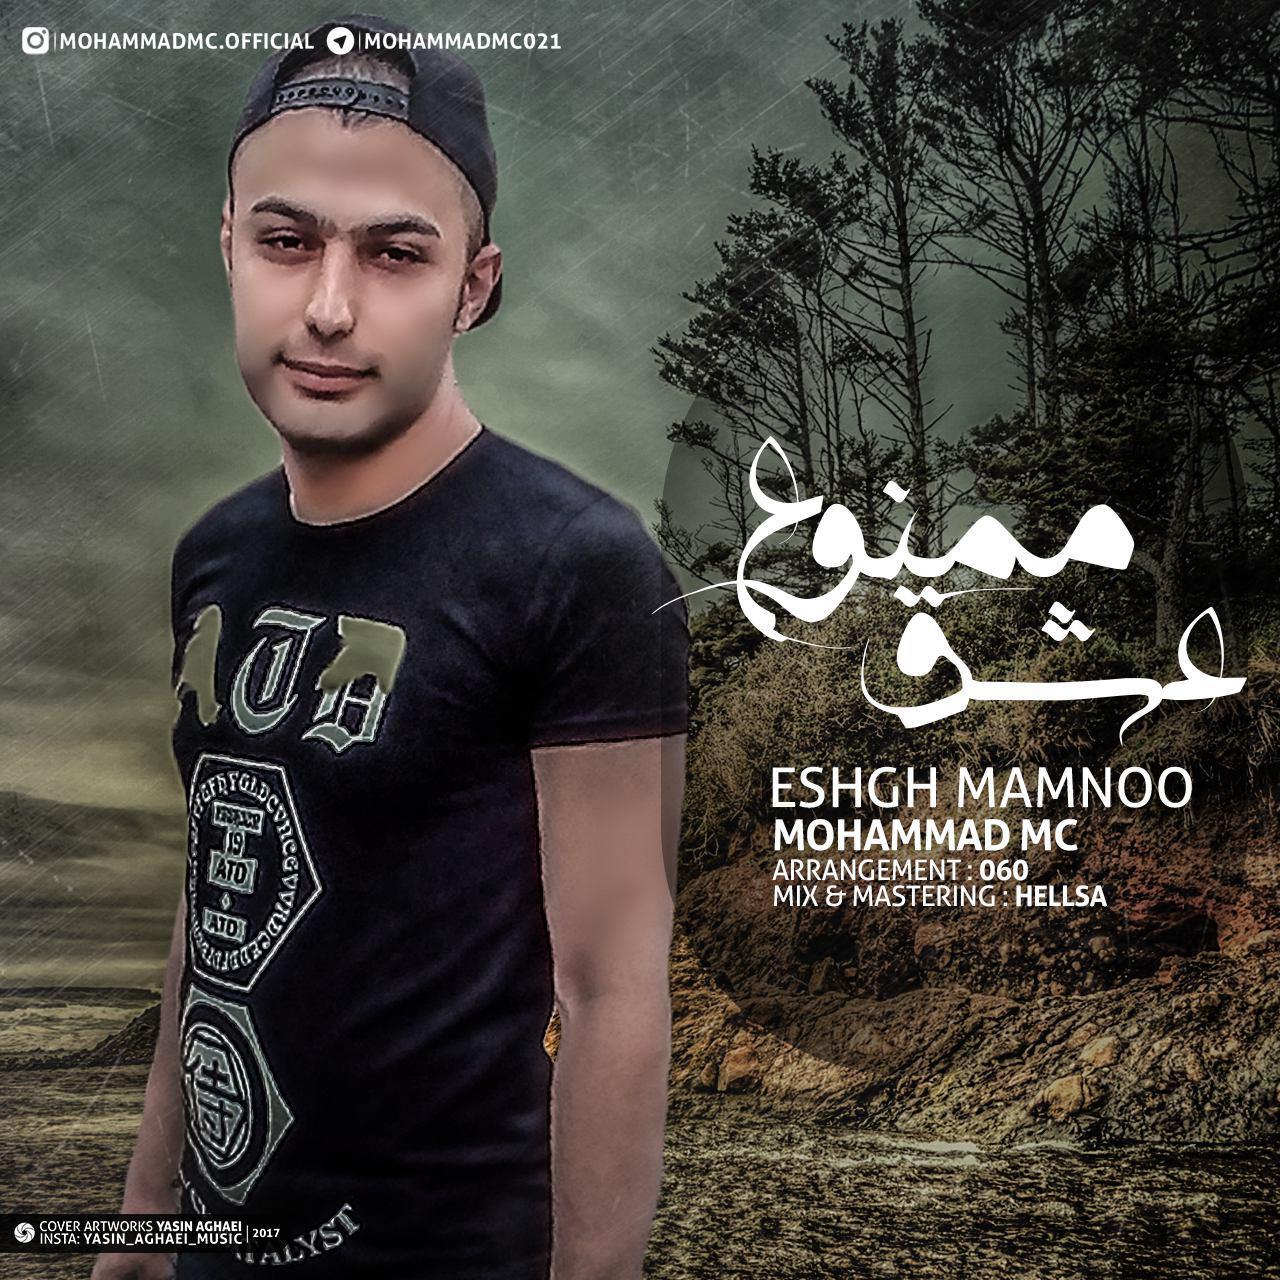 Eshgh Mamnoo